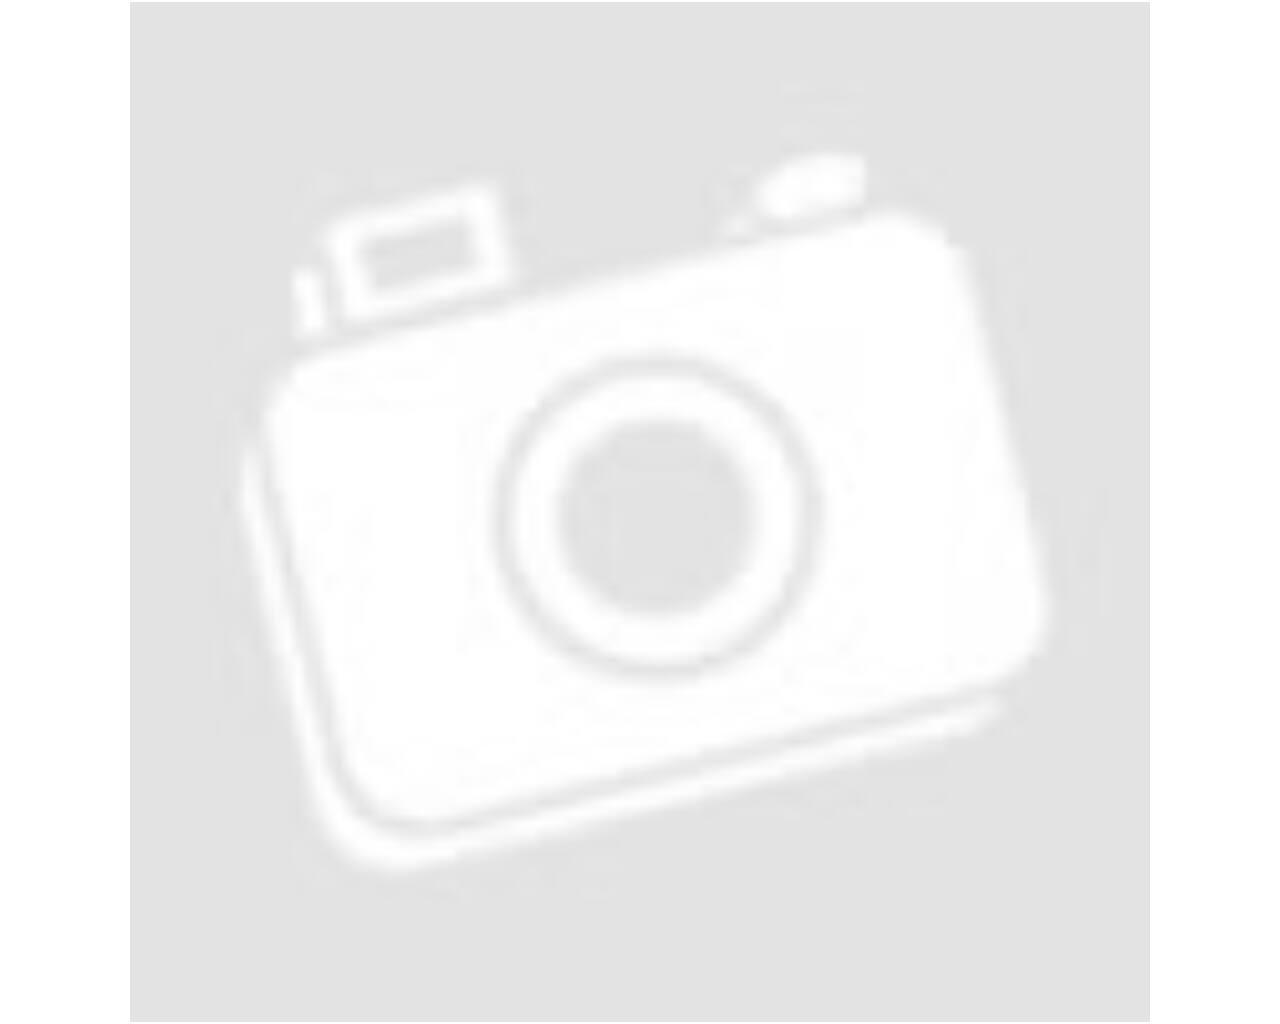 Beltéri / kültéri gránit párkány, G5664, 840 x 240 x 15 mm